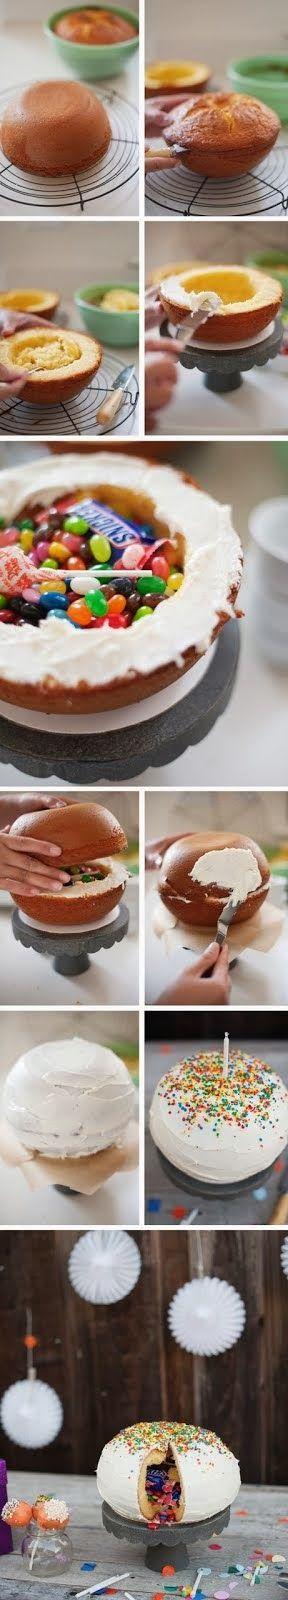 How To Make Piñata Cake